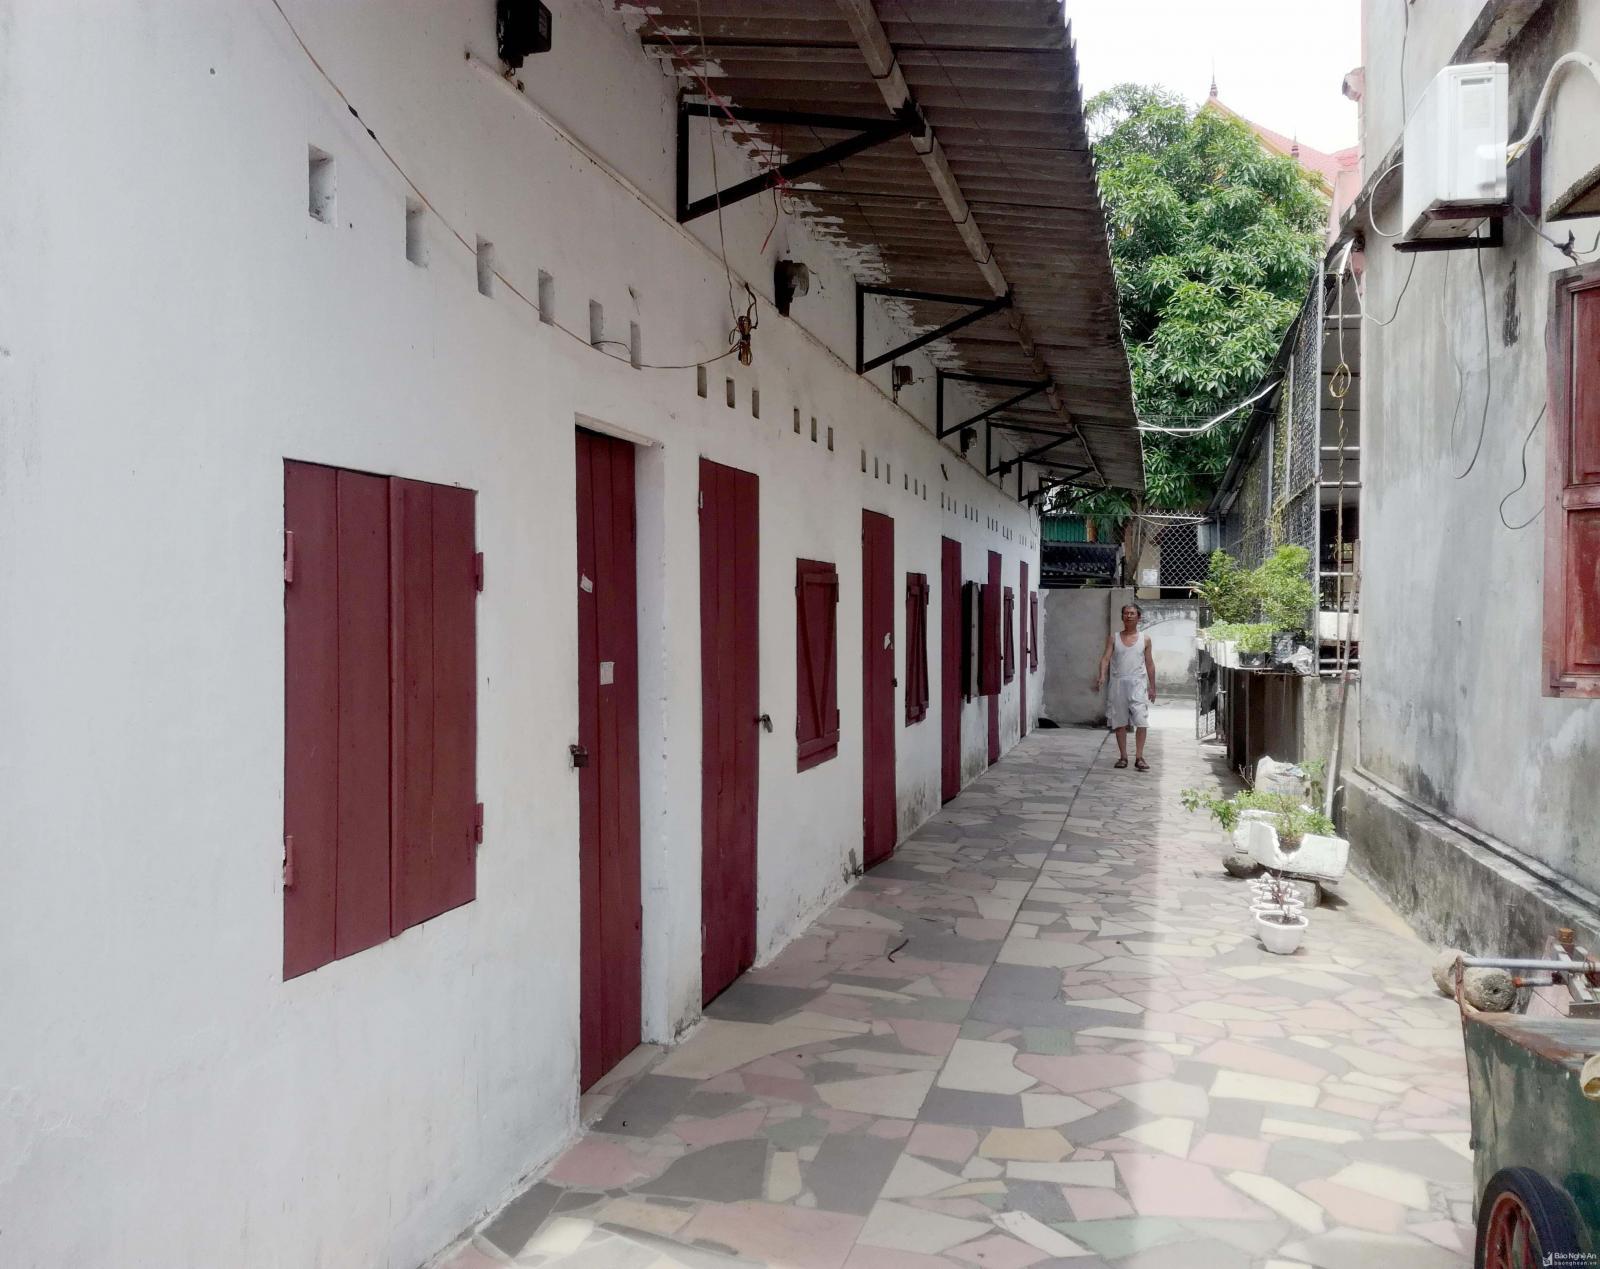 Một dãy nhà trọ cho thuê vắng vẻ, các phòng đóng kín cửa, một người đàn ông đi ở sân.